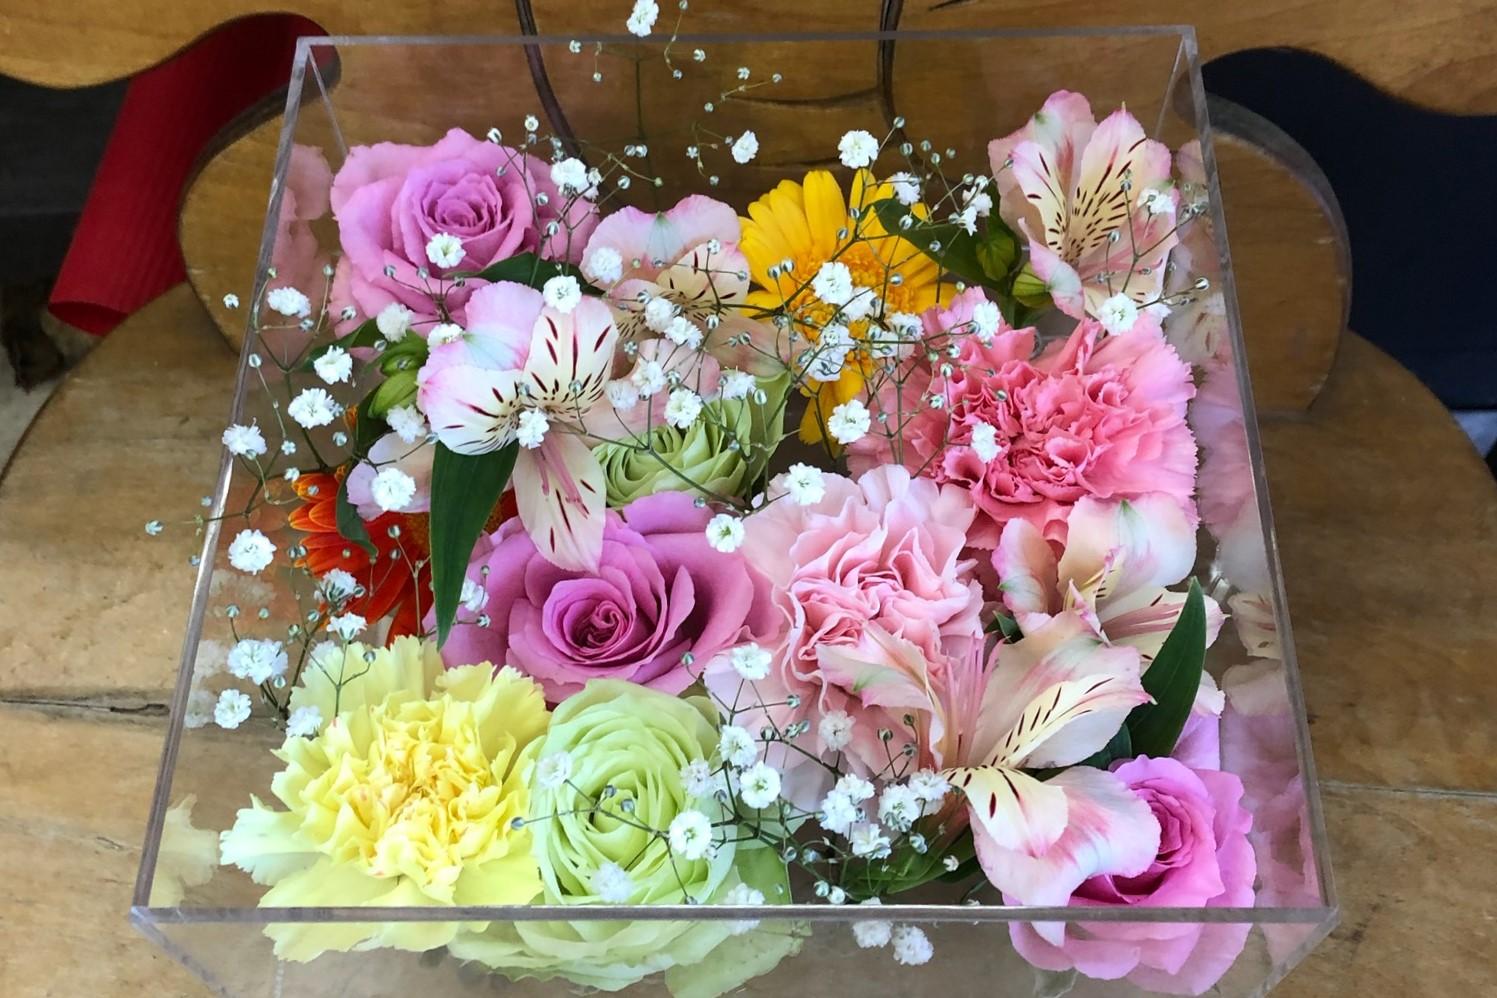 死んだペットに手向けるカーネーションや薔薇などの花々